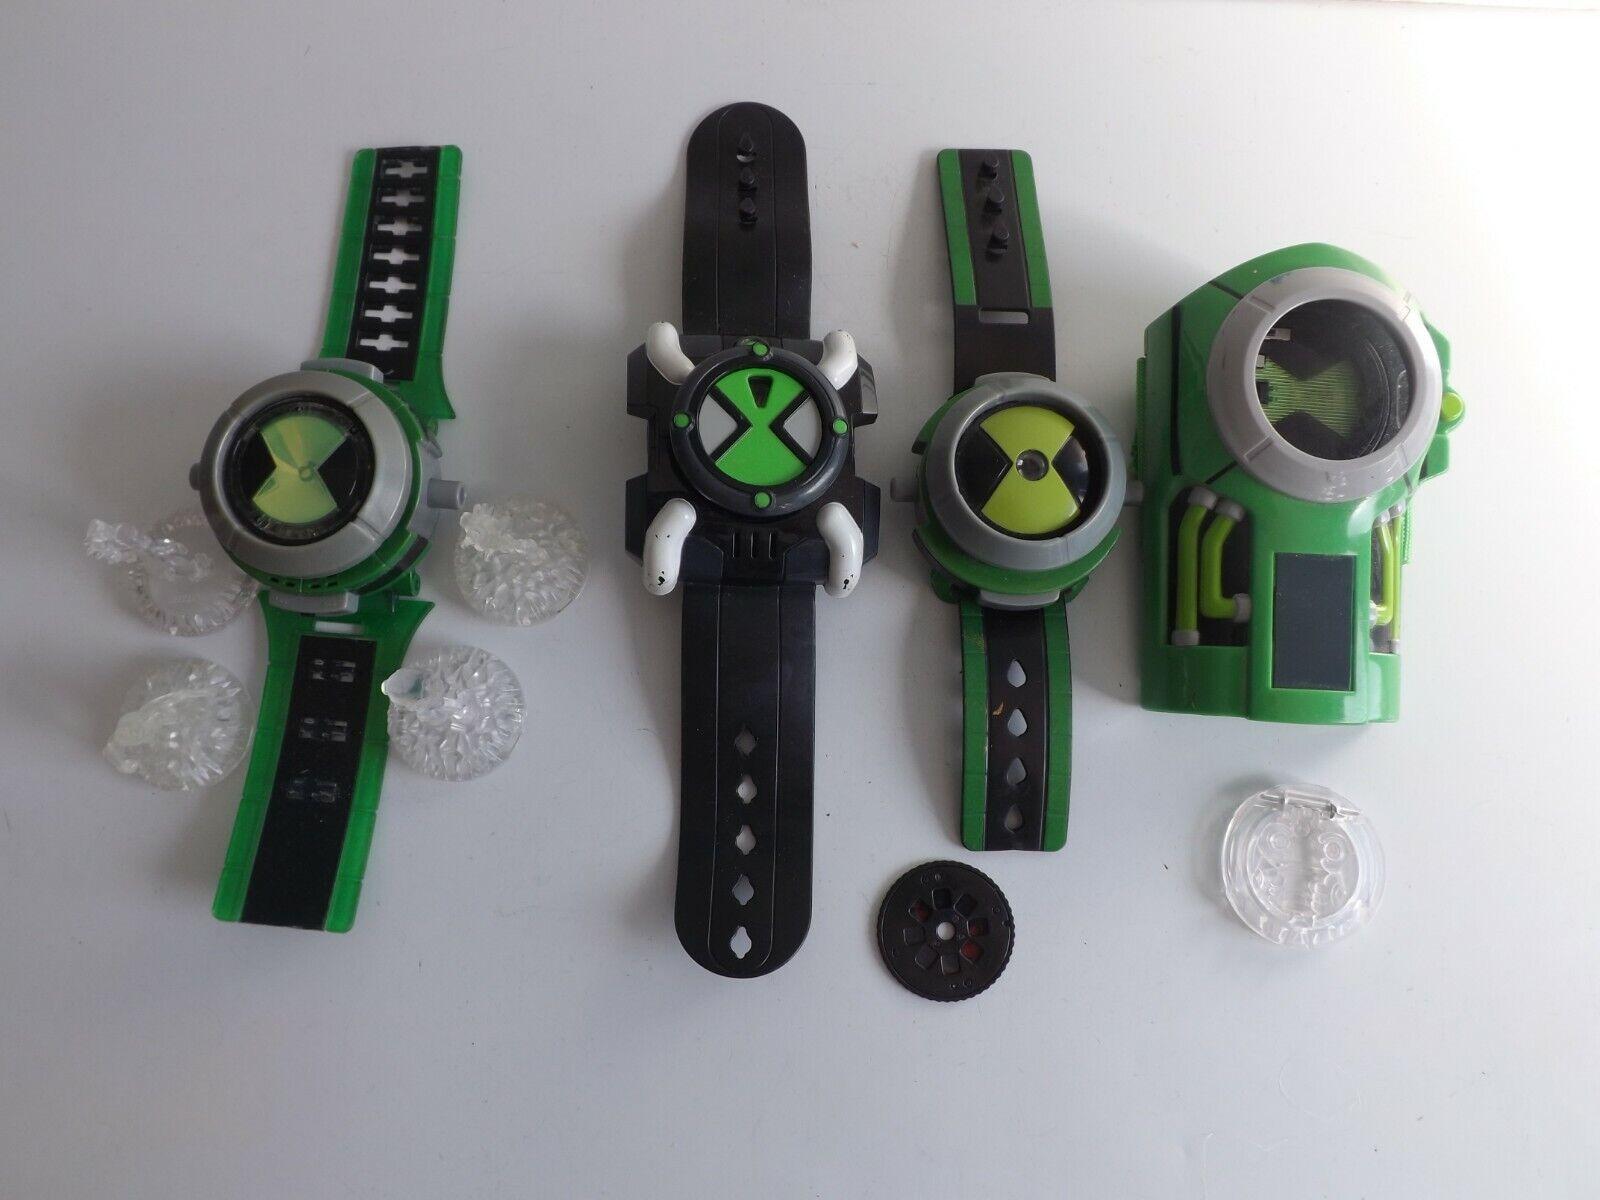 Ben 10 Alien Force Ultimate Alien Omnitrix FX Watch BEN TEN WATCHES BUNDLE